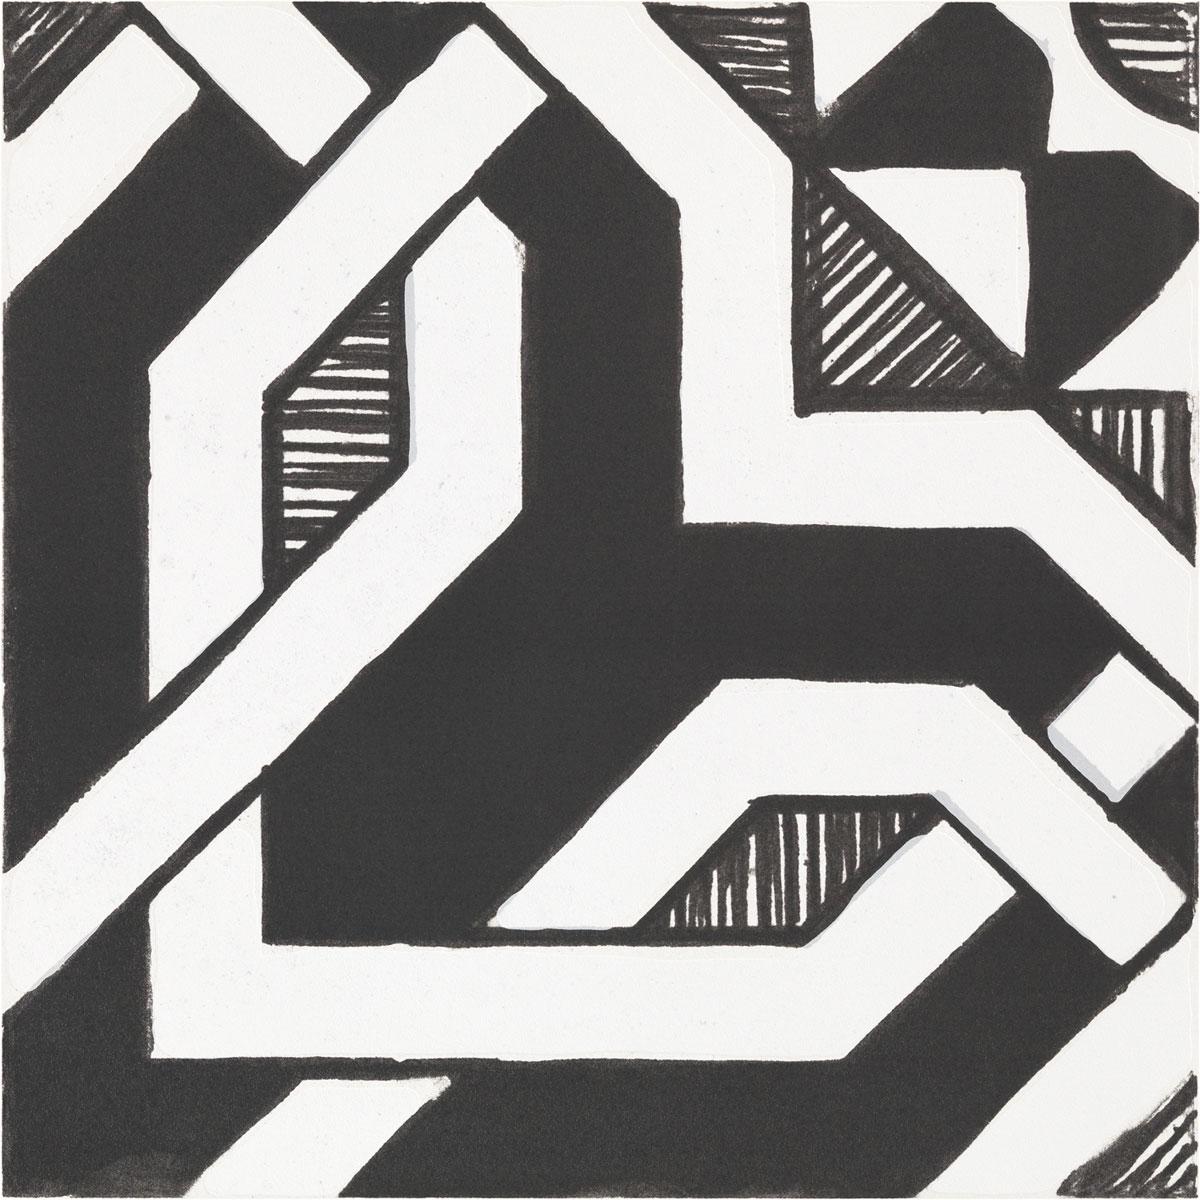 Signorino: Black and White Fabrizio